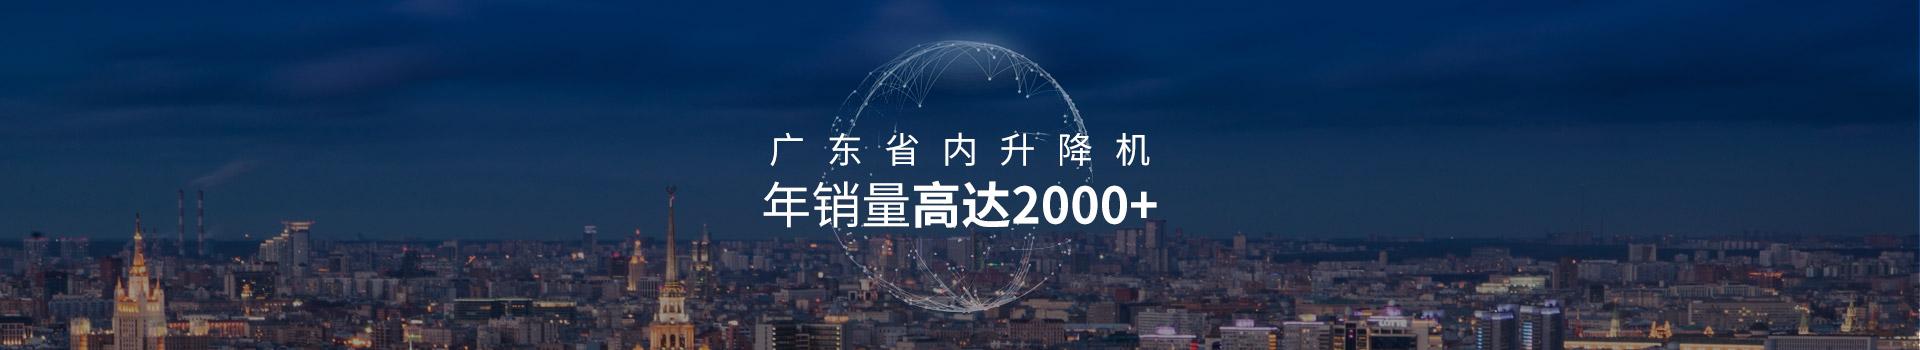 威麟勤力广东省内升降机年销量高达2000+